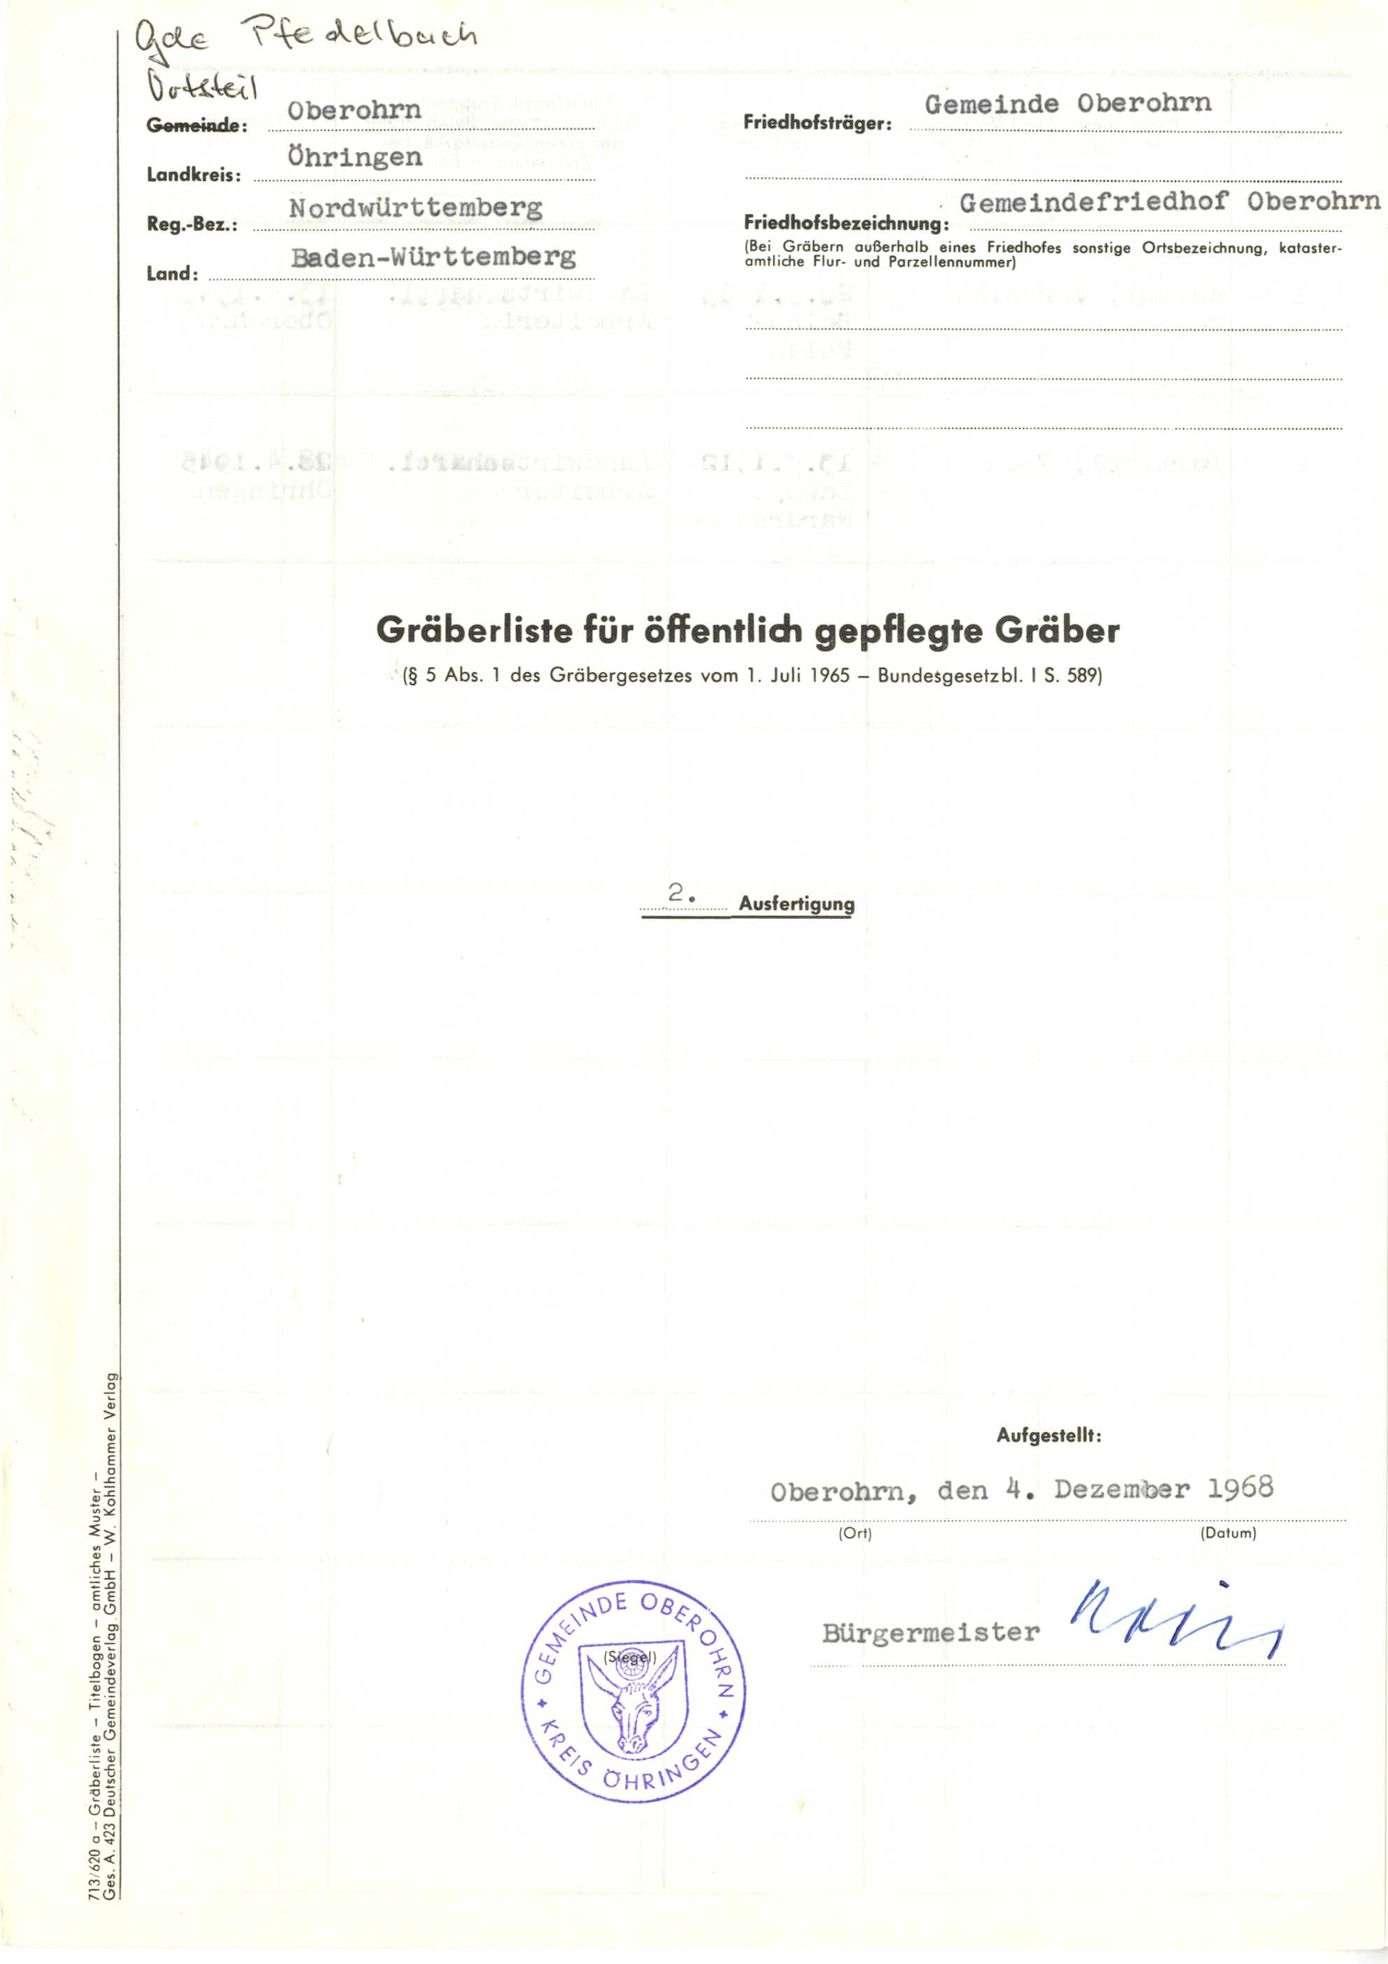 Oberohrn, Bild 1